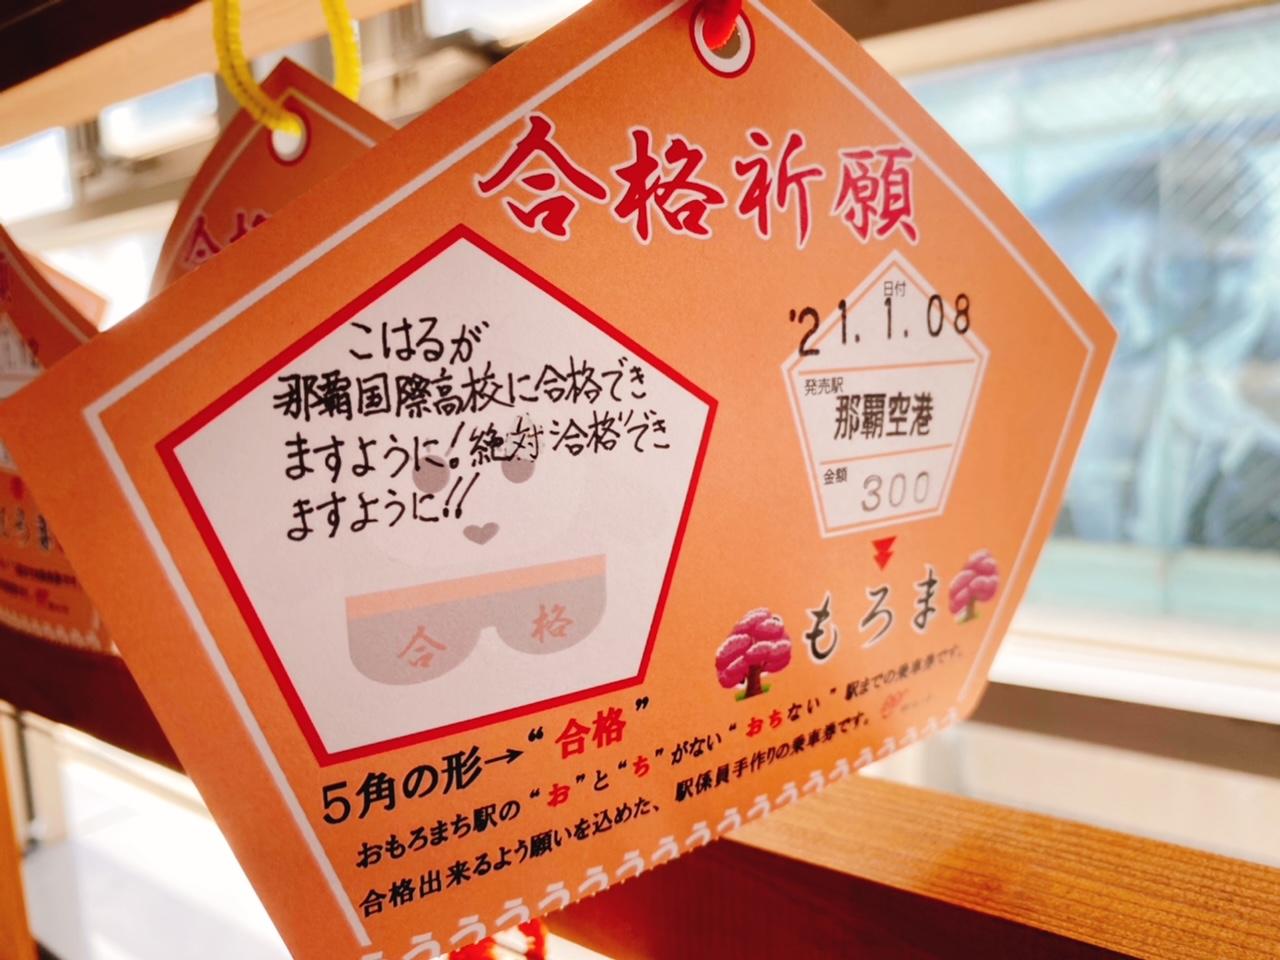 沖縄都市モノレール・ゆいレールで受験生応援企画!「おちない駅行きパス」